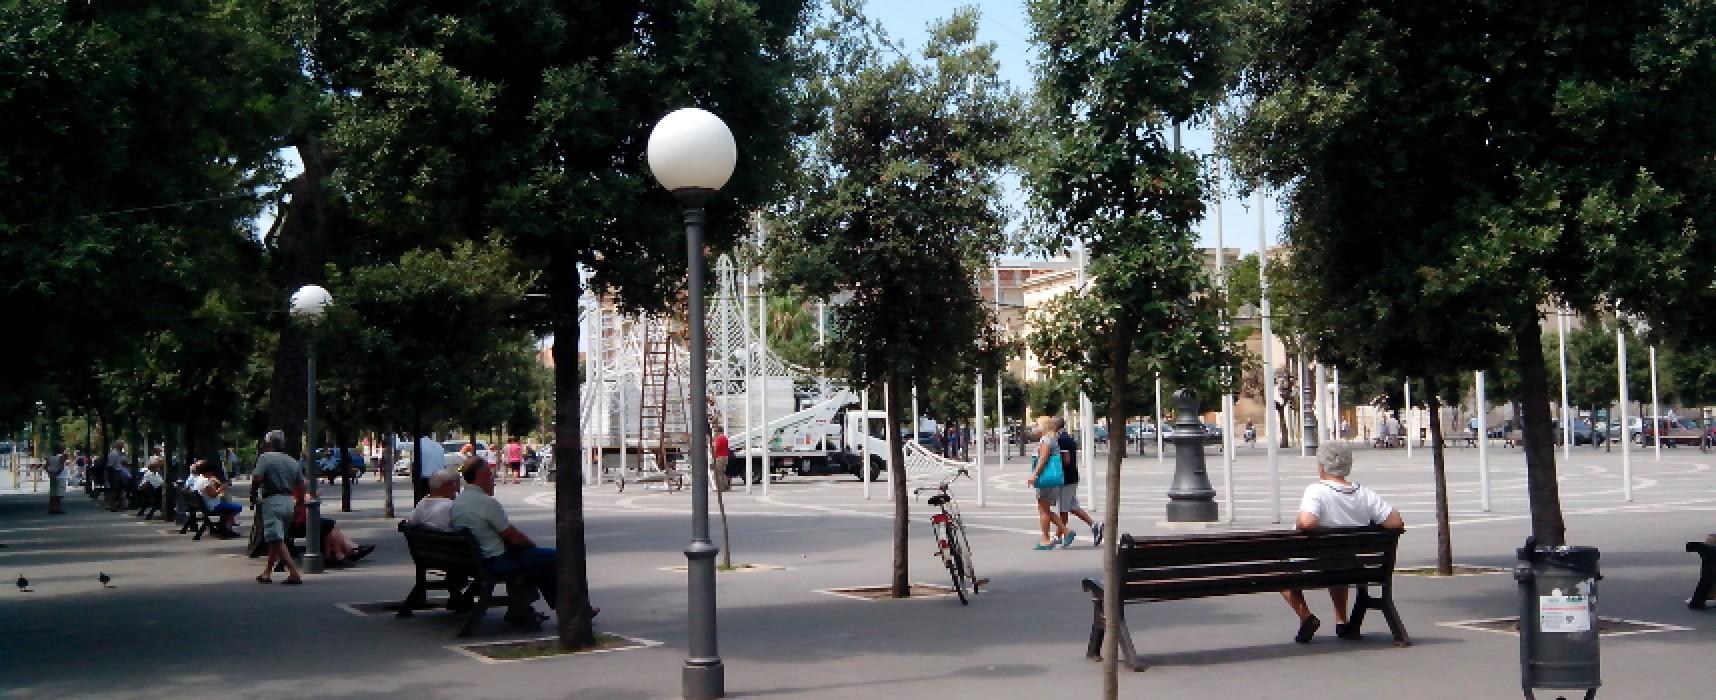 """Estate Biscegliese 2014 e film """"La Scelta"""", divieti di sosta e transito nel centro cittadino"""